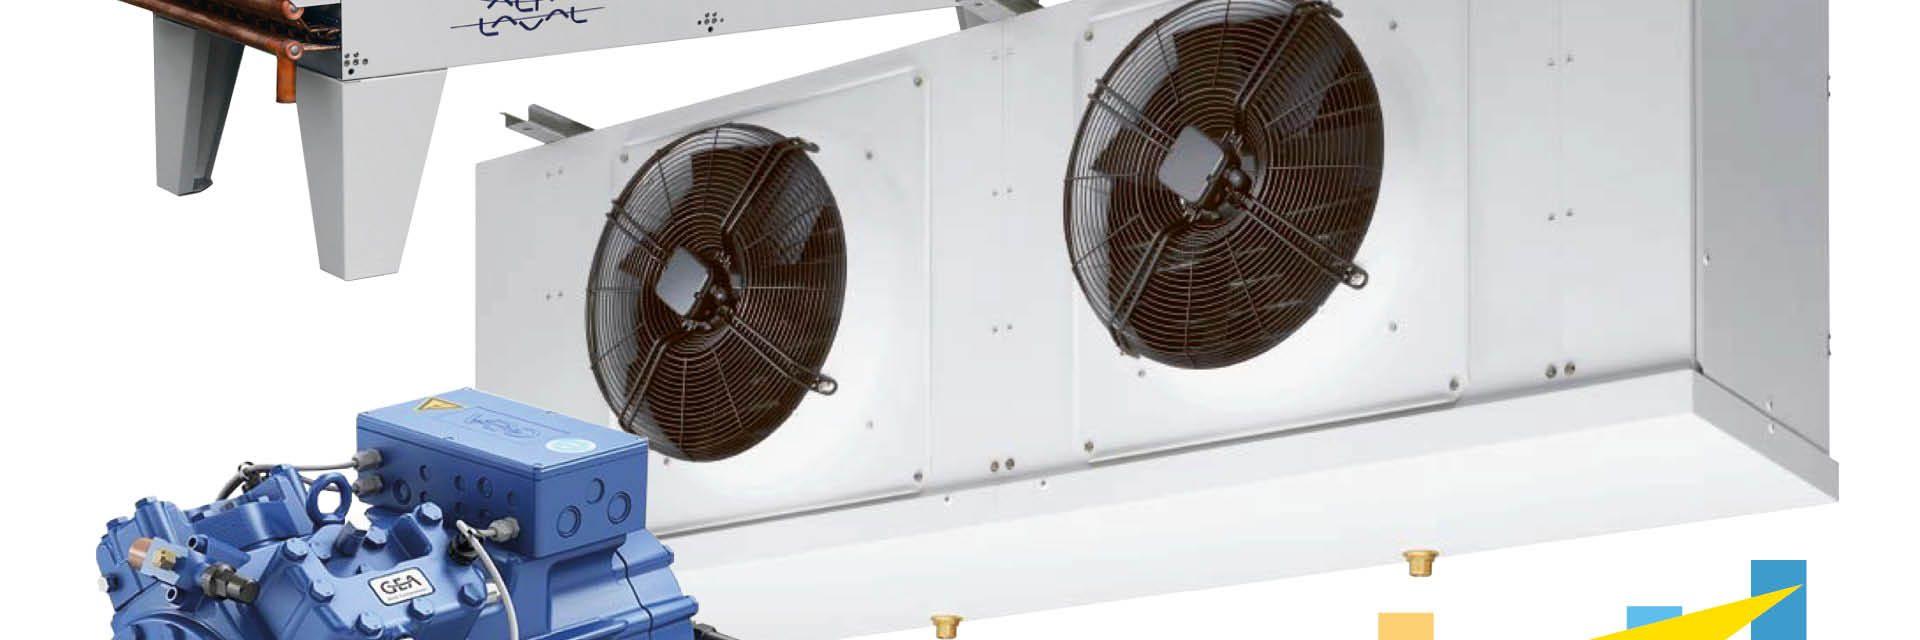 Frigro Services: energetische analyse van een koelinstallatie